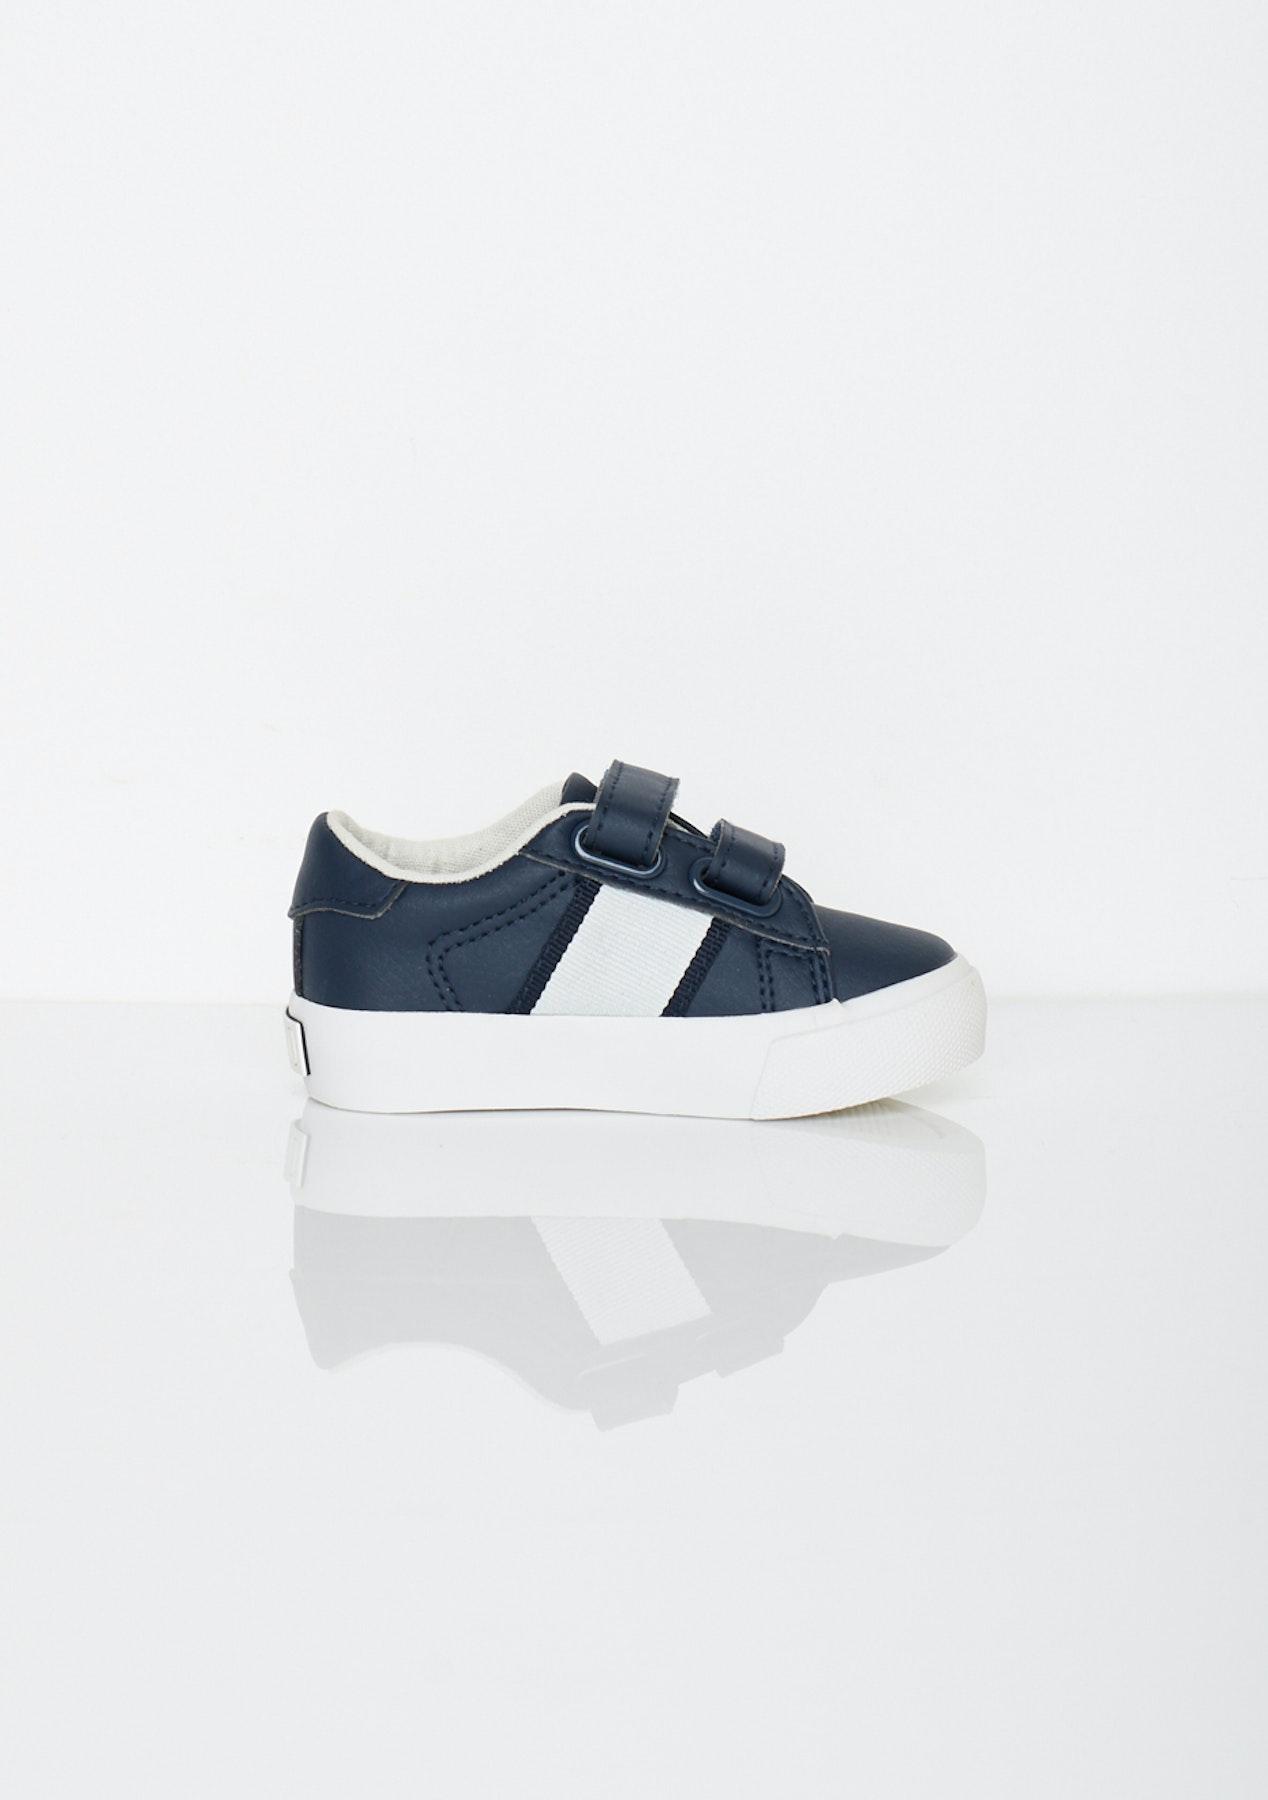 00d167a28eaf9 Polo Ralph Lauren - Geoff Ez - Toddler - Navy - Polo Ralph Lauren Kids Shoes  - Onceit